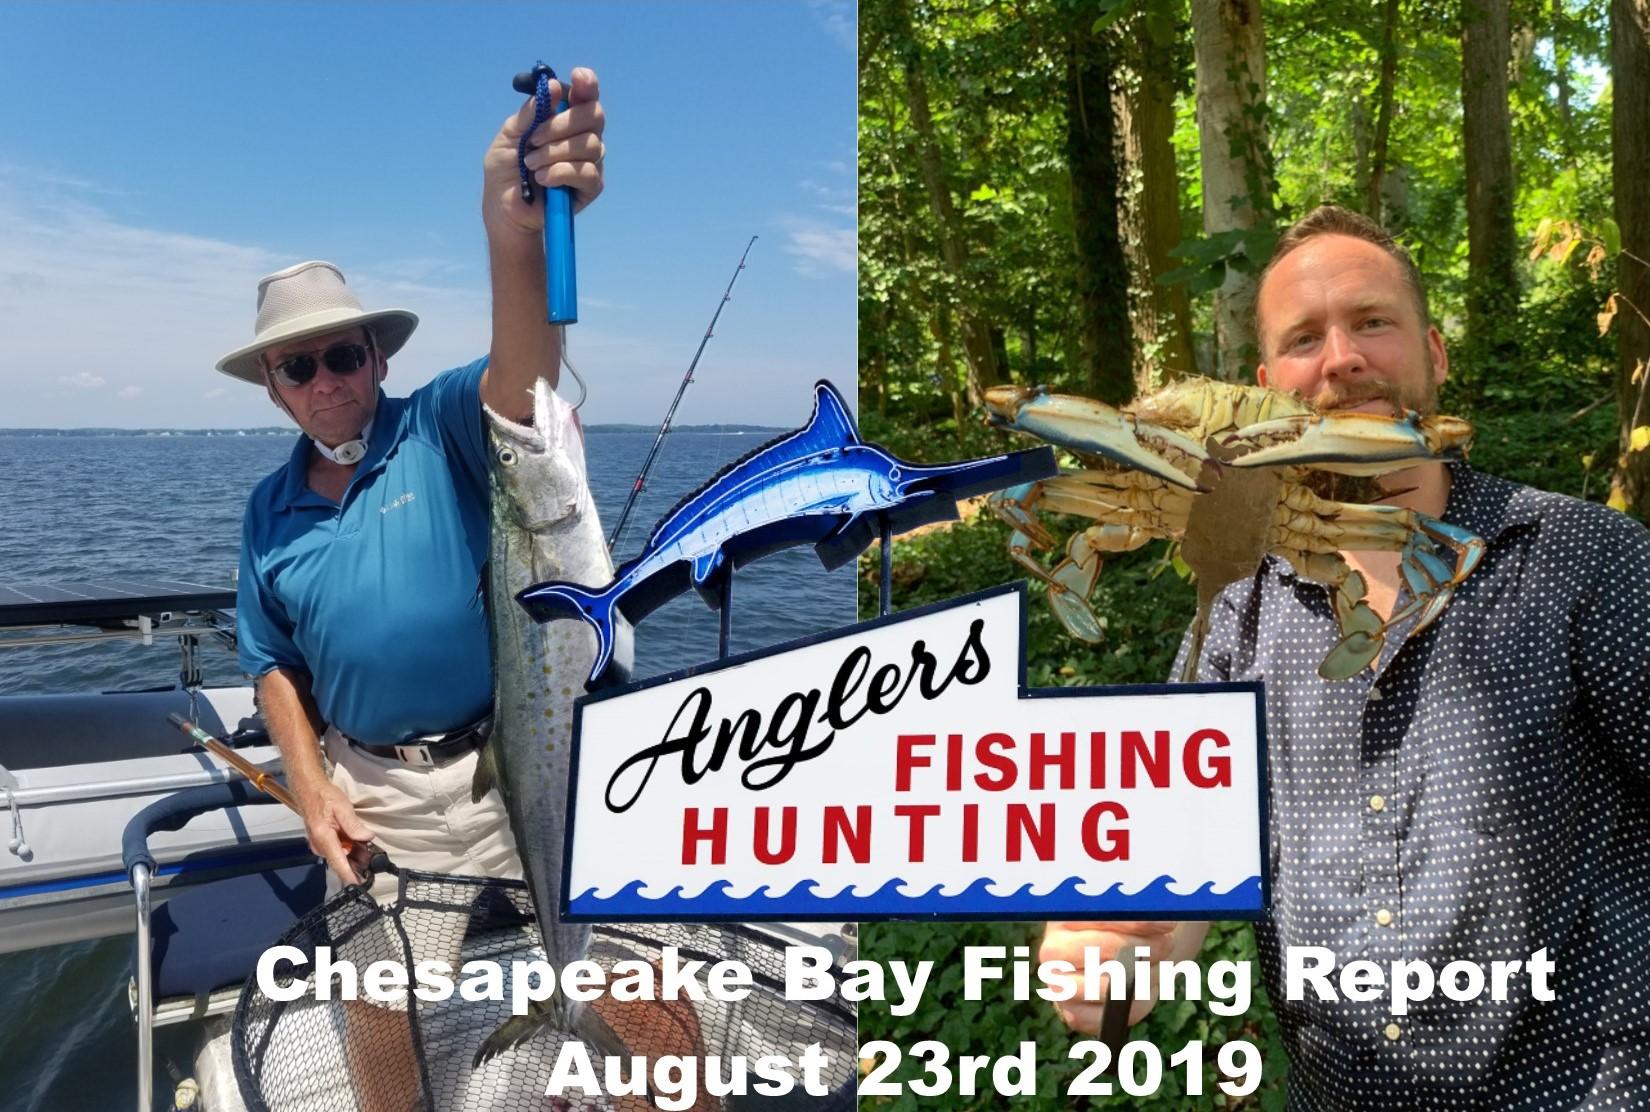 Chesapeake Bay Fishing Report-August 23rd 2019